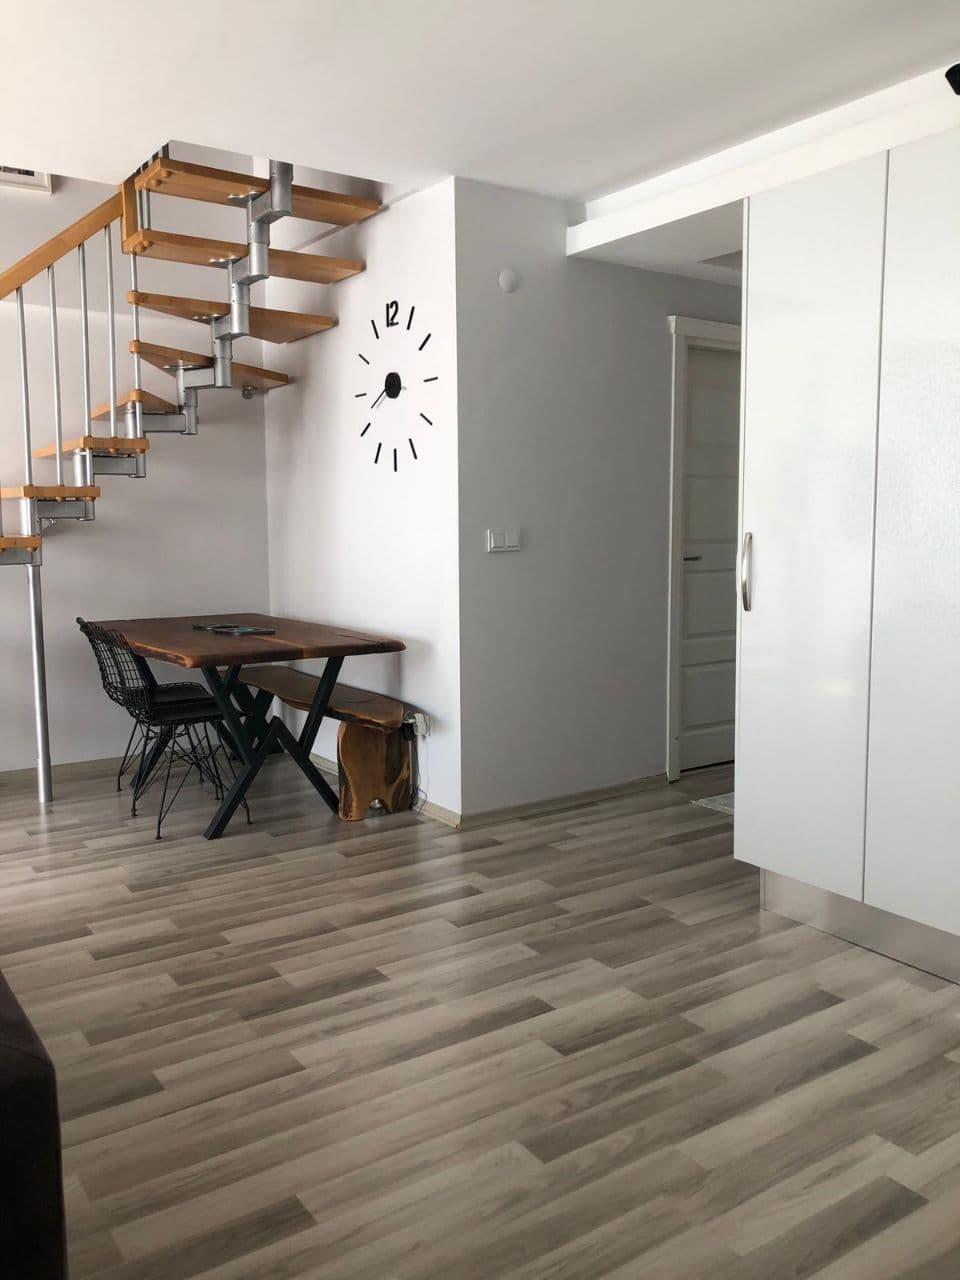 اجاره خانه در استانبول جمهوریت